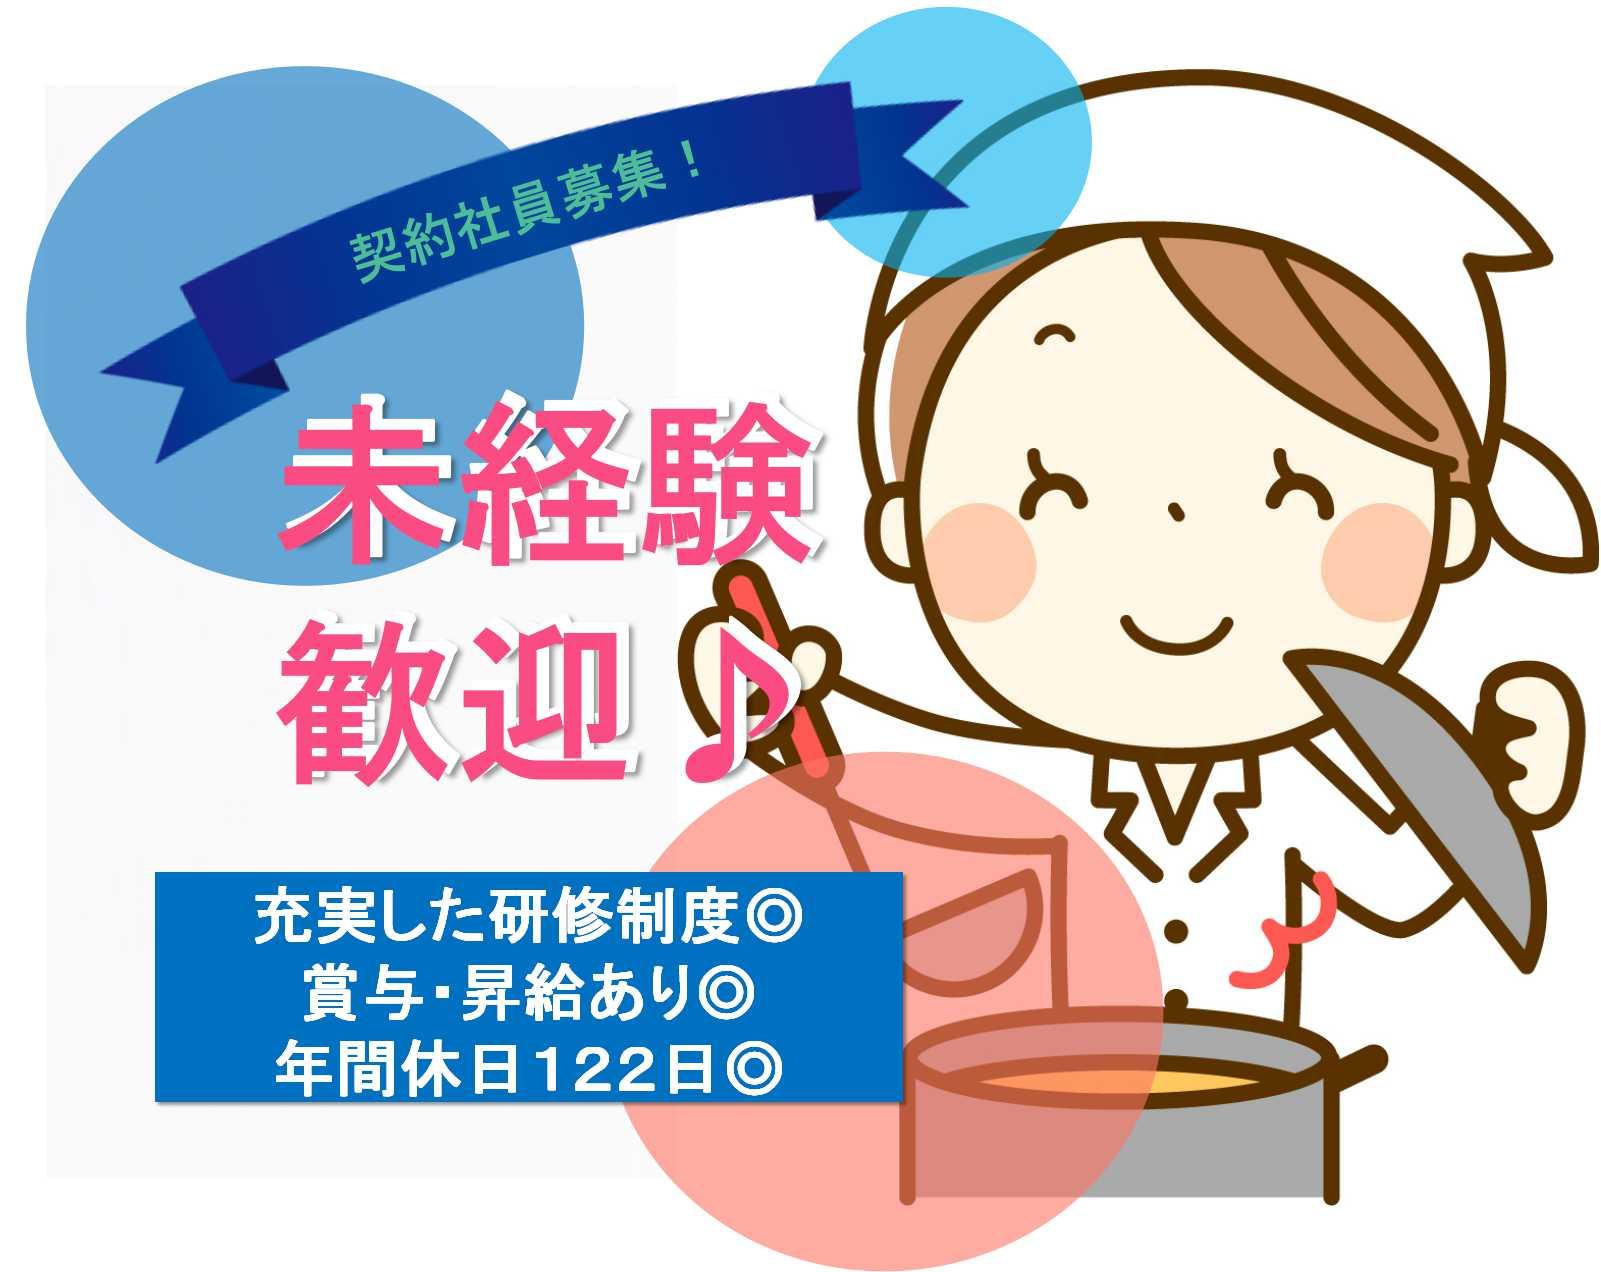 【急募】未経験歓迎♪昇給年4回!牛丼屋の深夜勤務スタッフ イメージ